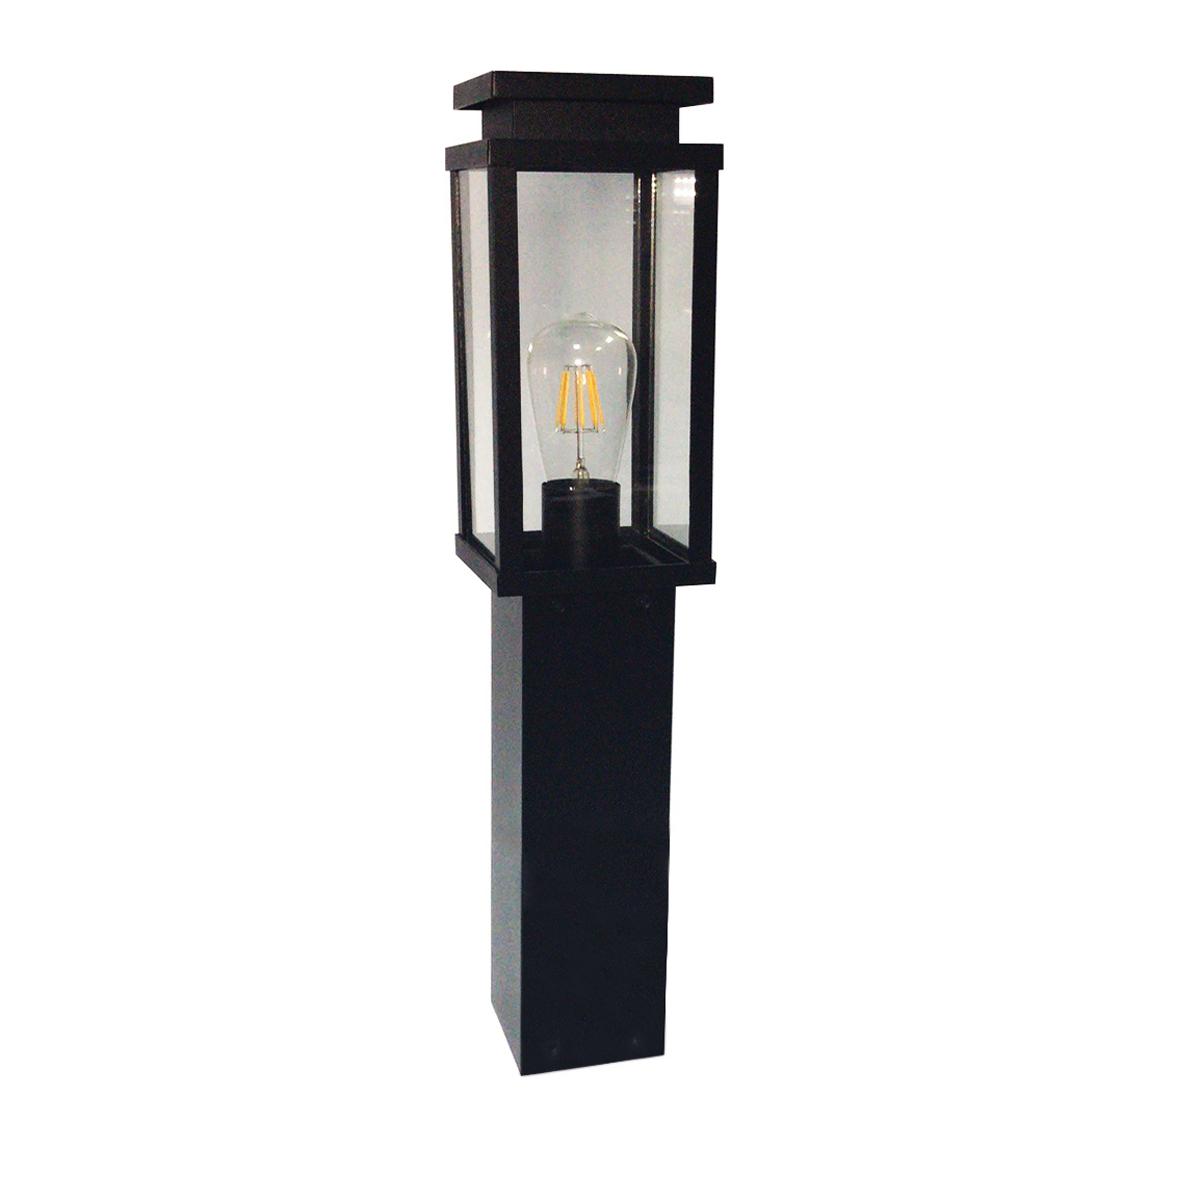 VK Φωτιστικό Κολώνα 60W E27 IP33